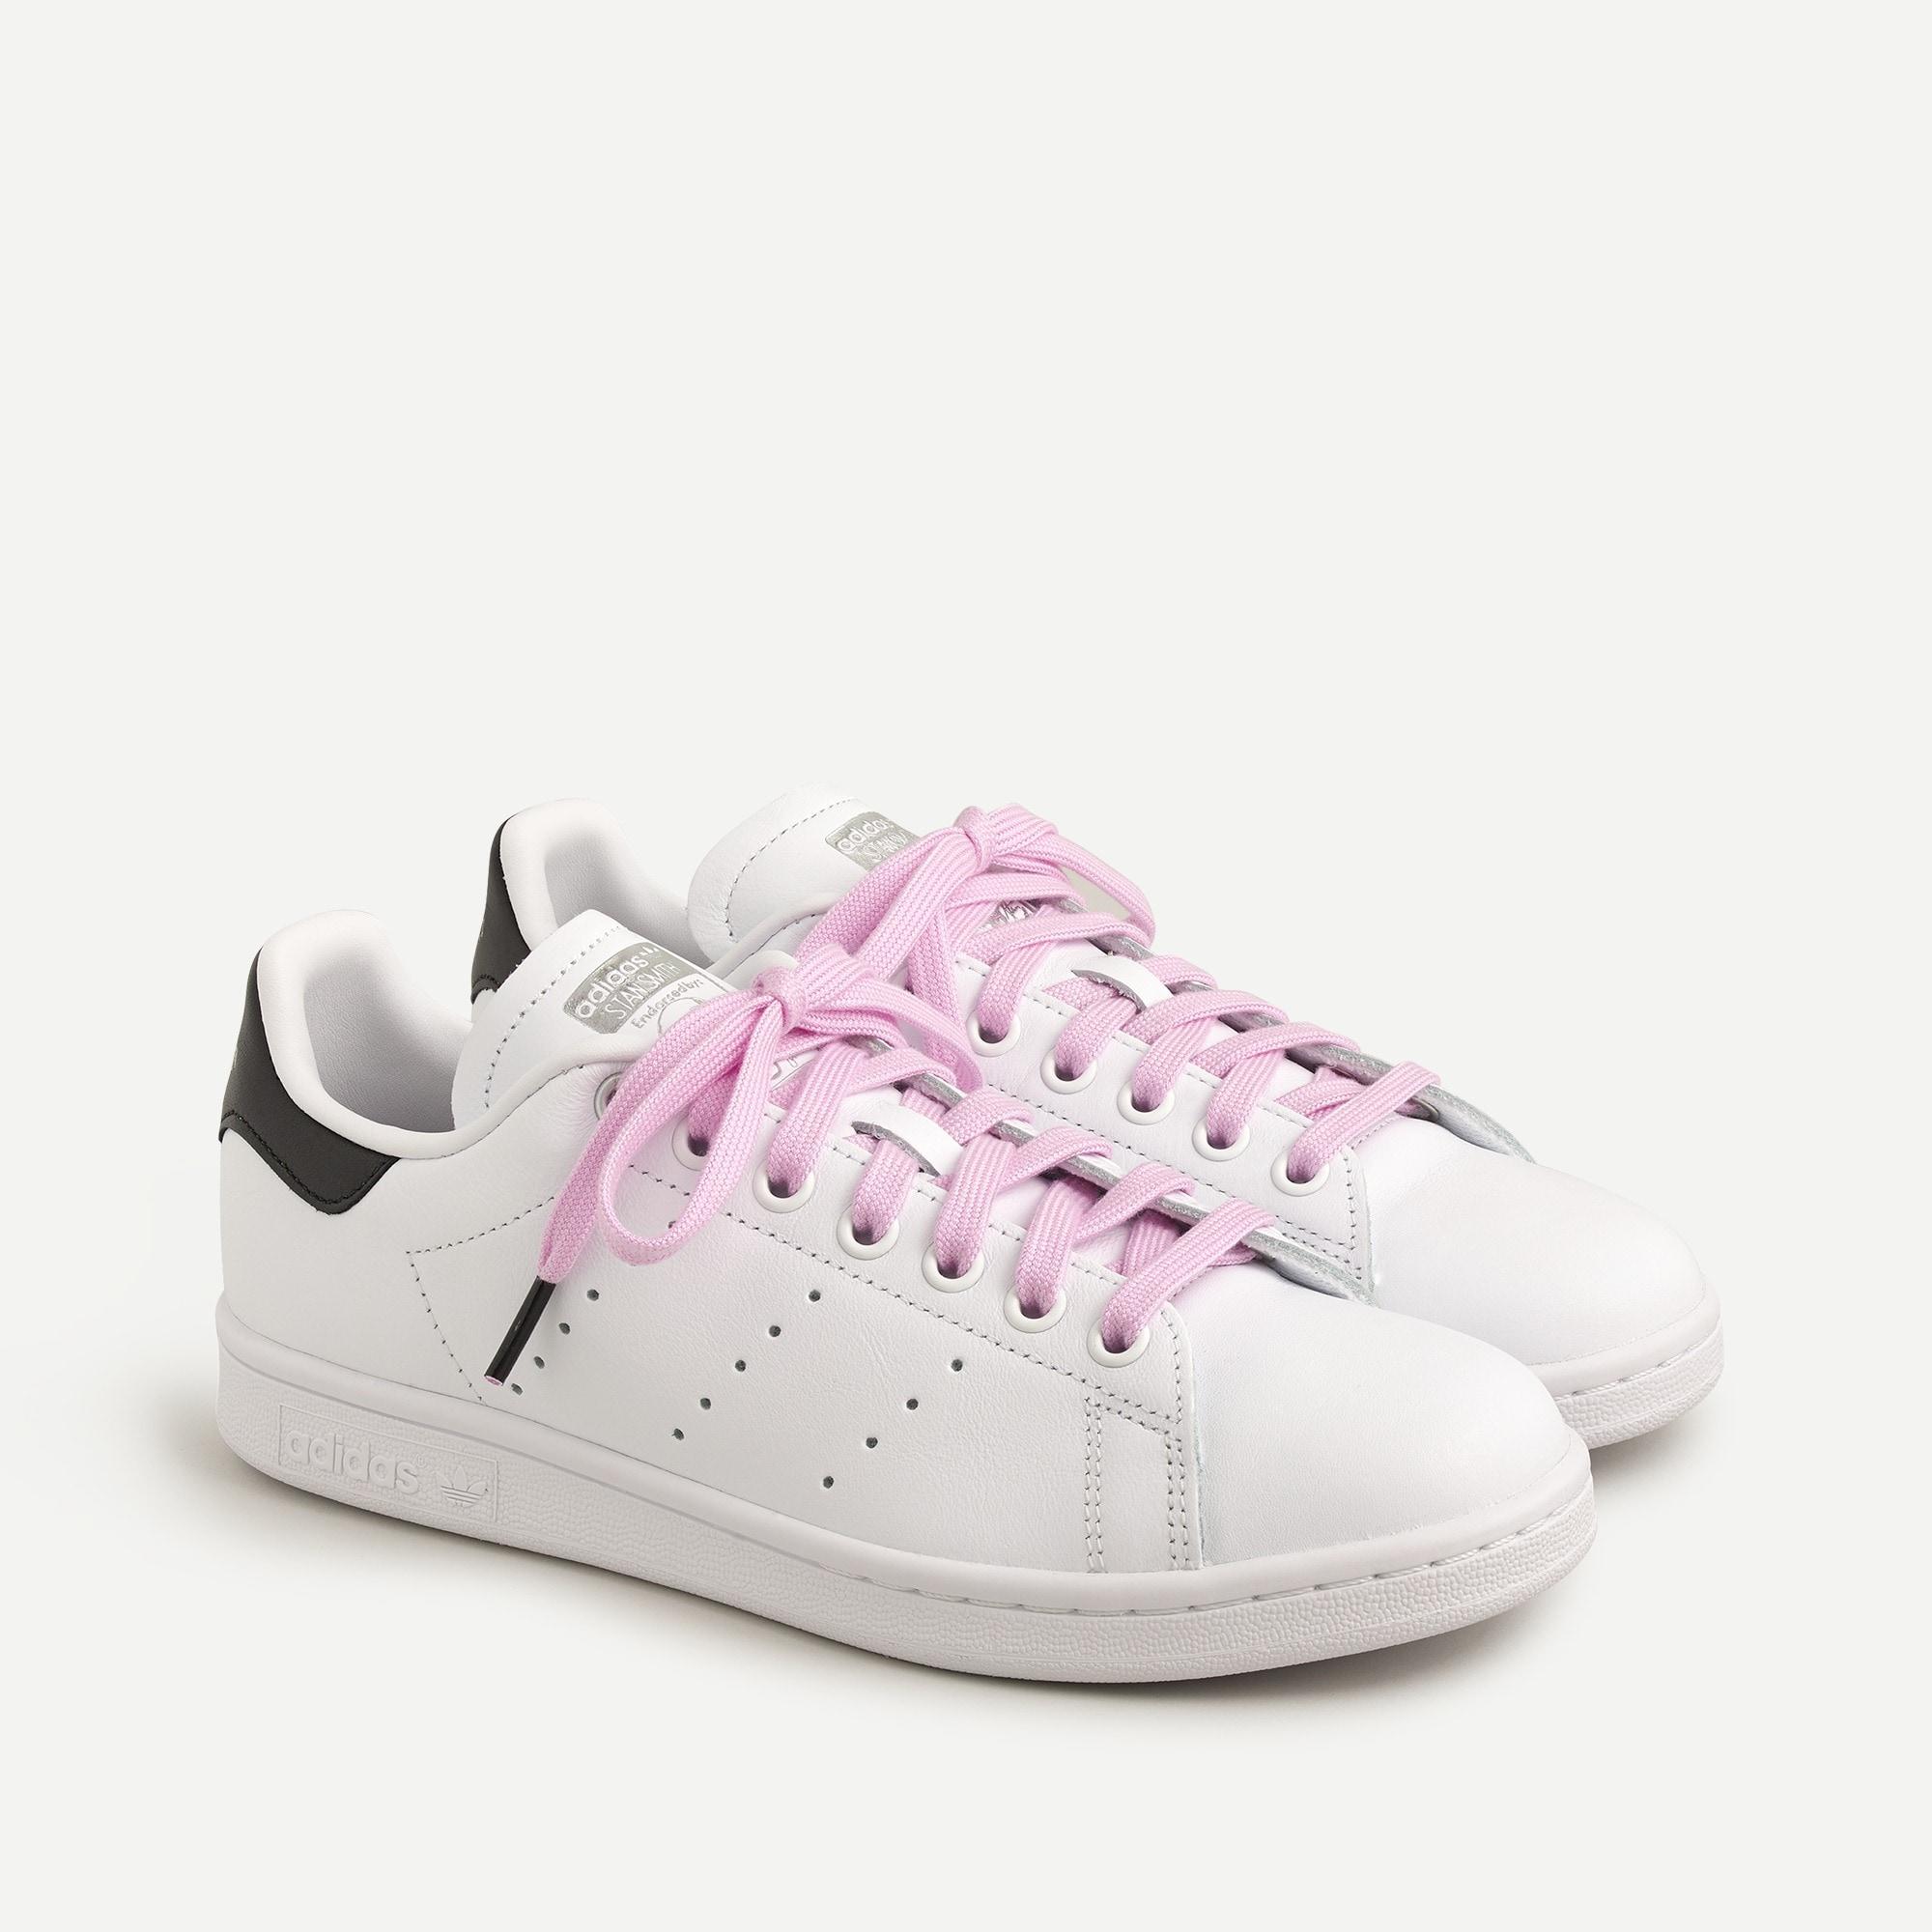 j crew adidas stan smith